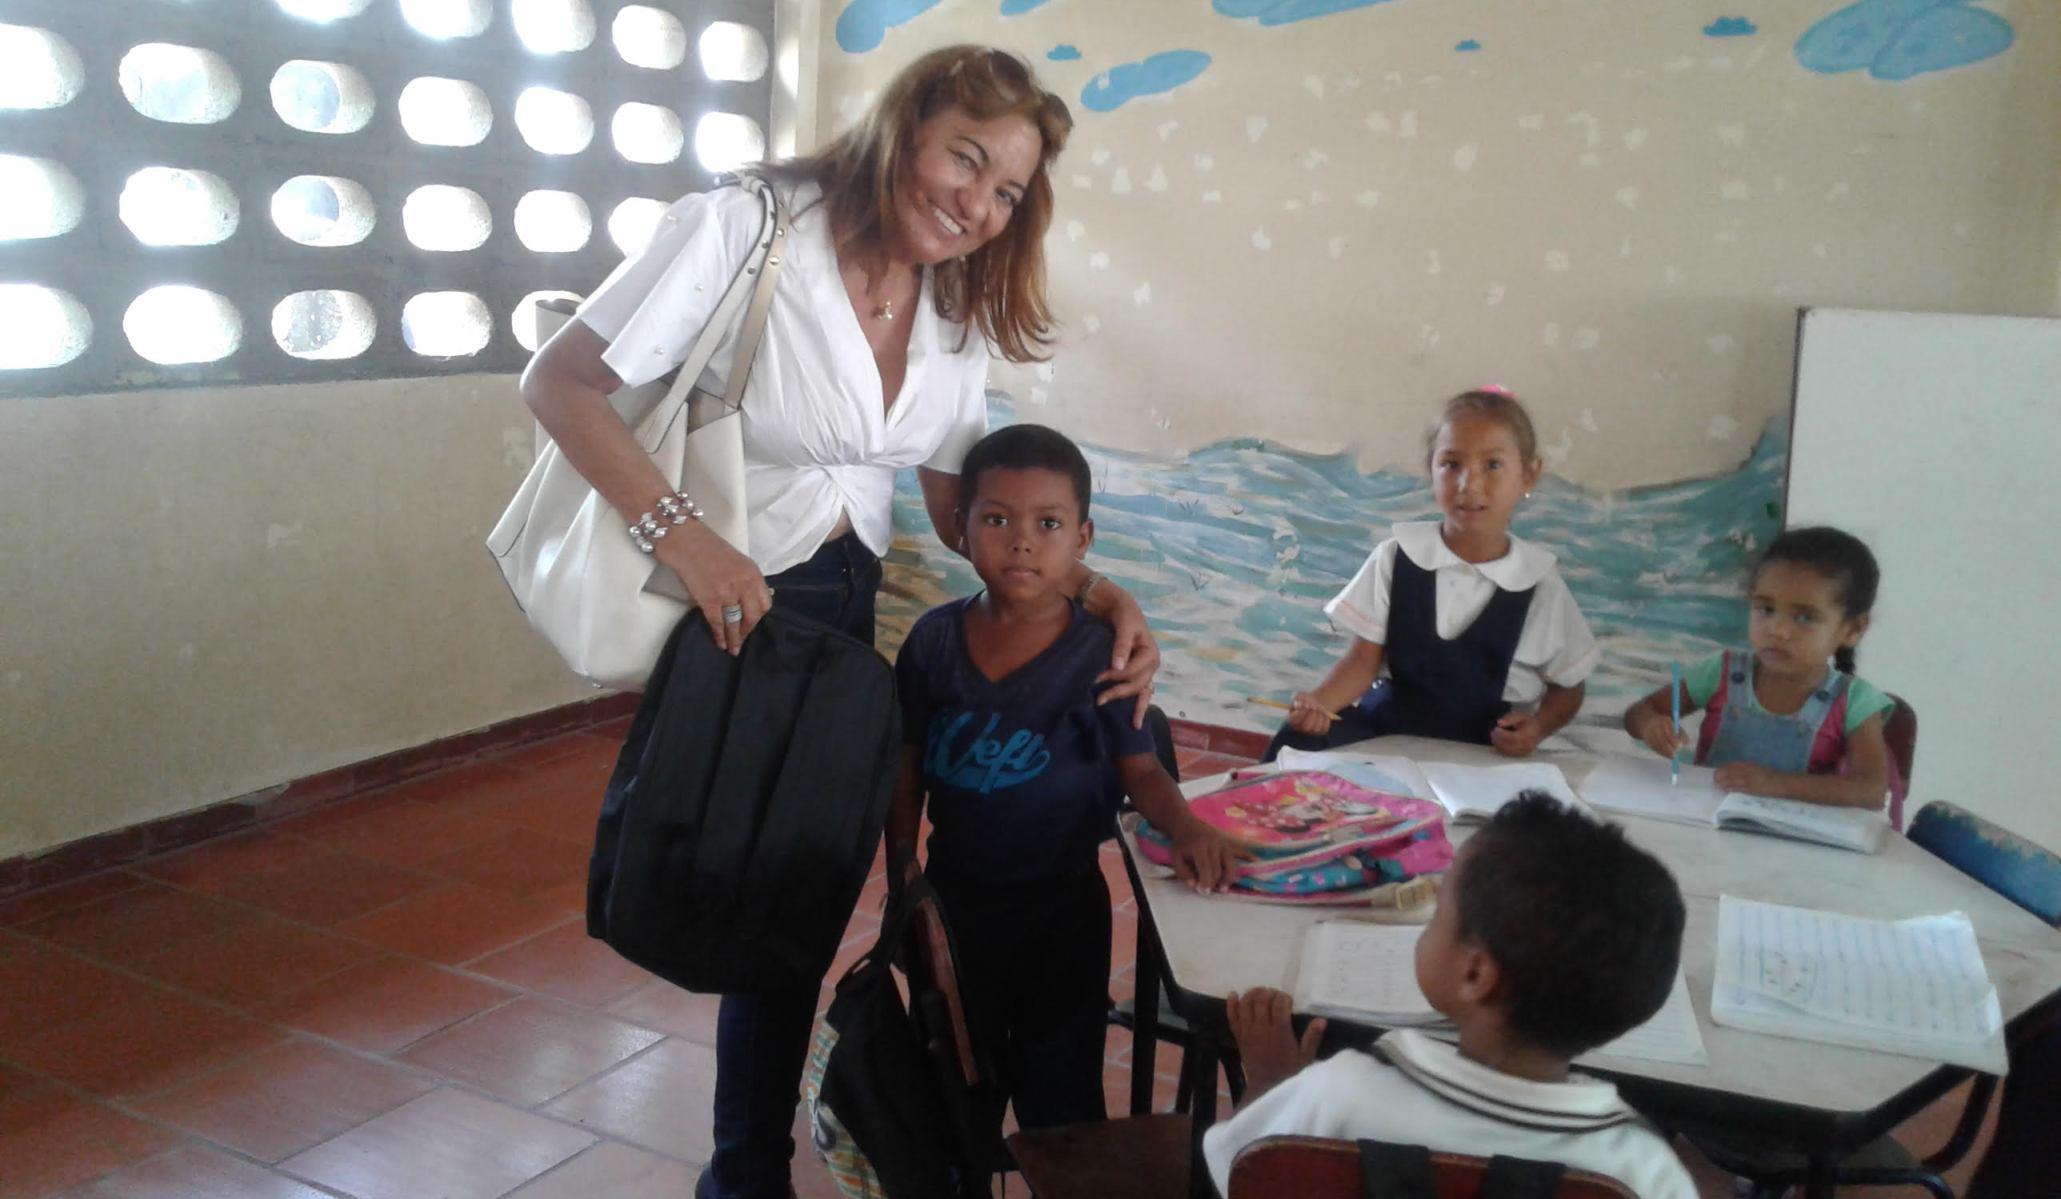 En clases, 97.5% de escuelas públicas de educación básica en Oaxaca